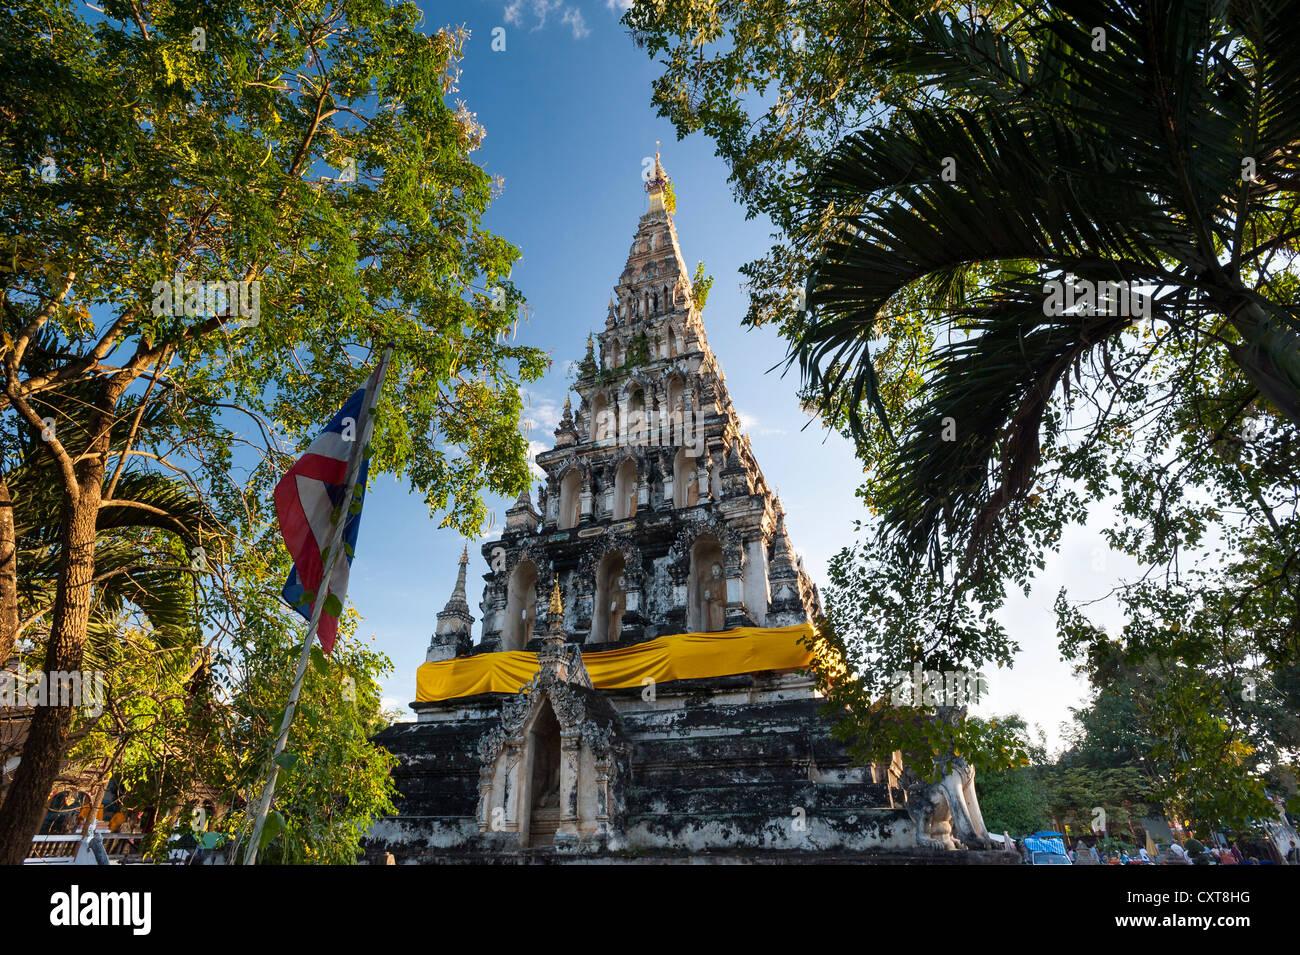 Insolito pagoda quadrata o chedi, Wat Chedi Liam e mercato, restaurato Wiang Kum Kam insediamento, Chiang Mai, Thailandia Immagini Stock